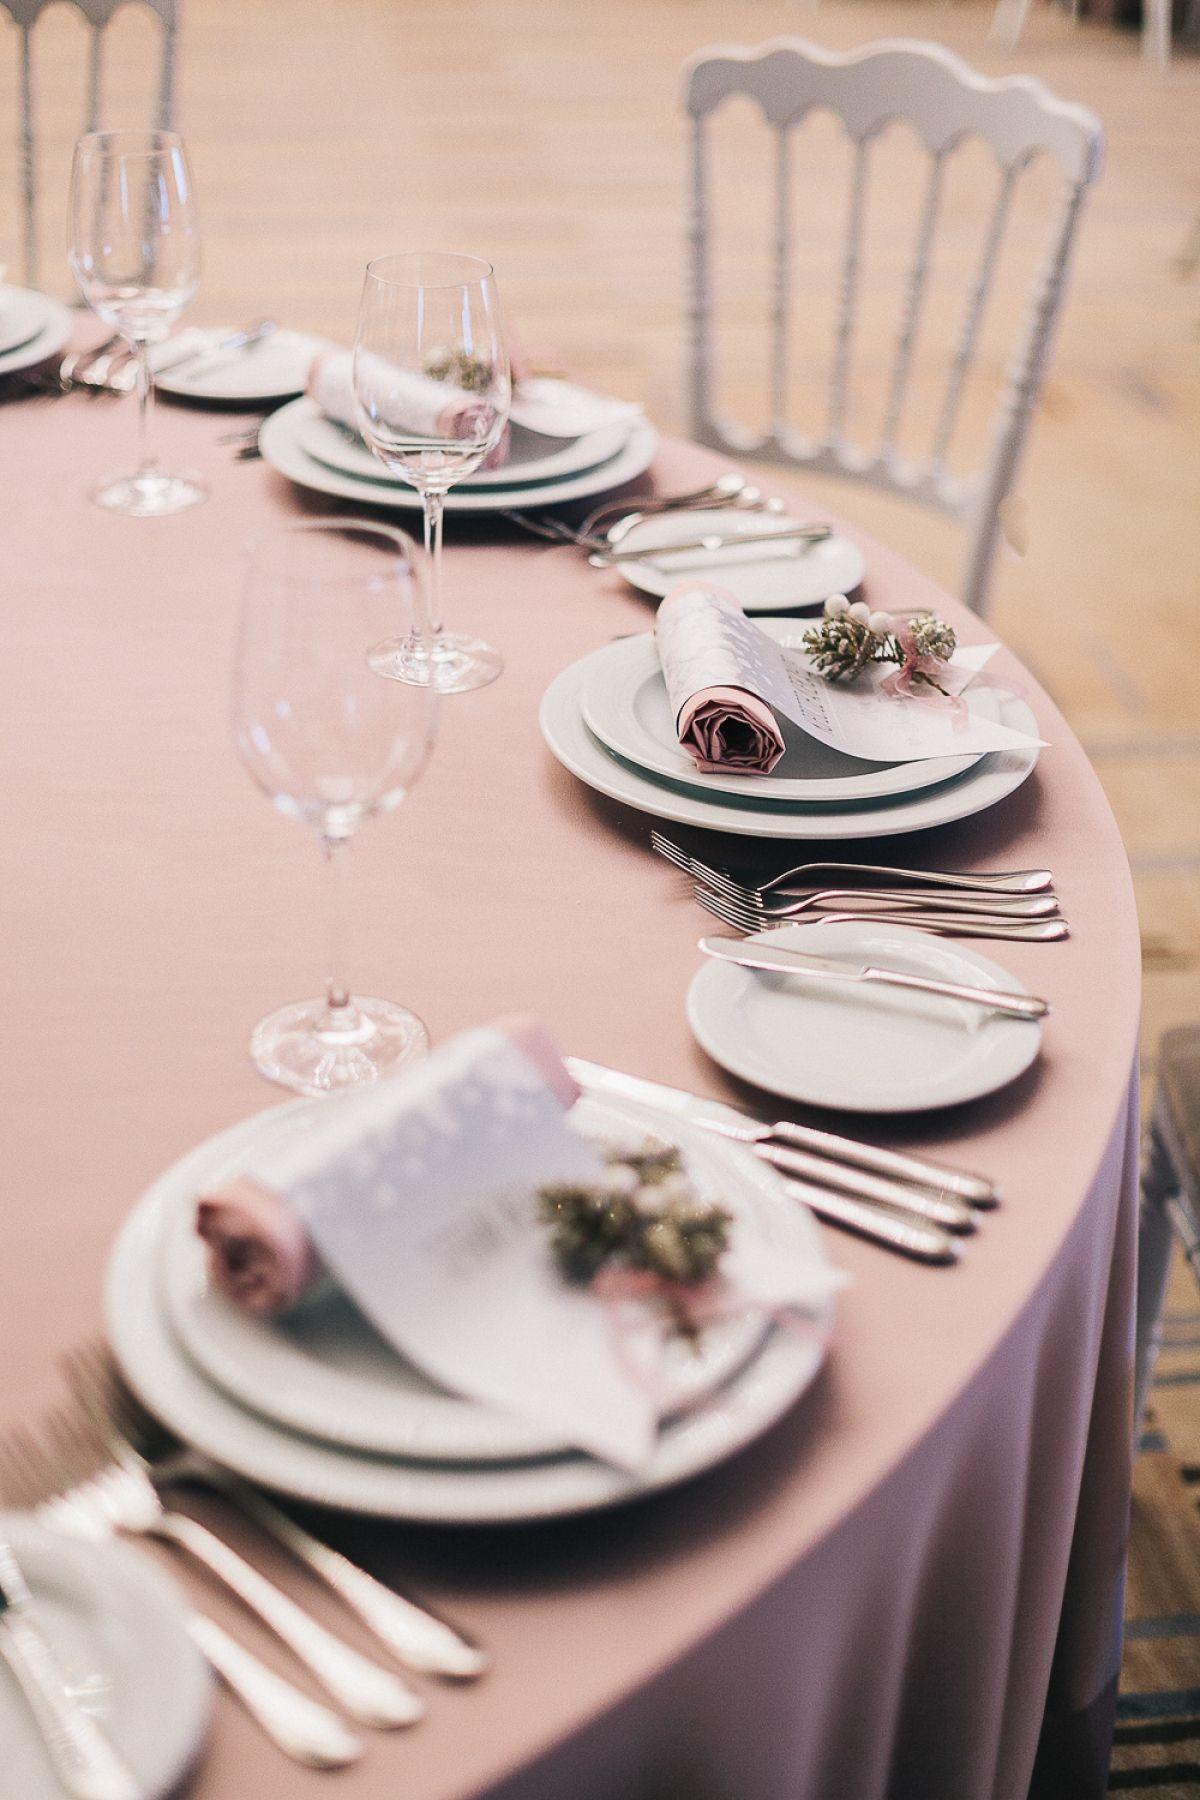 winter, wedding decor, winter ceremony, snowy wood свадьба, свадебная церемония, свадебная арка, оформление церемонии, зимний декор, зимняя свадьба, волшебный лес, сервировка стола